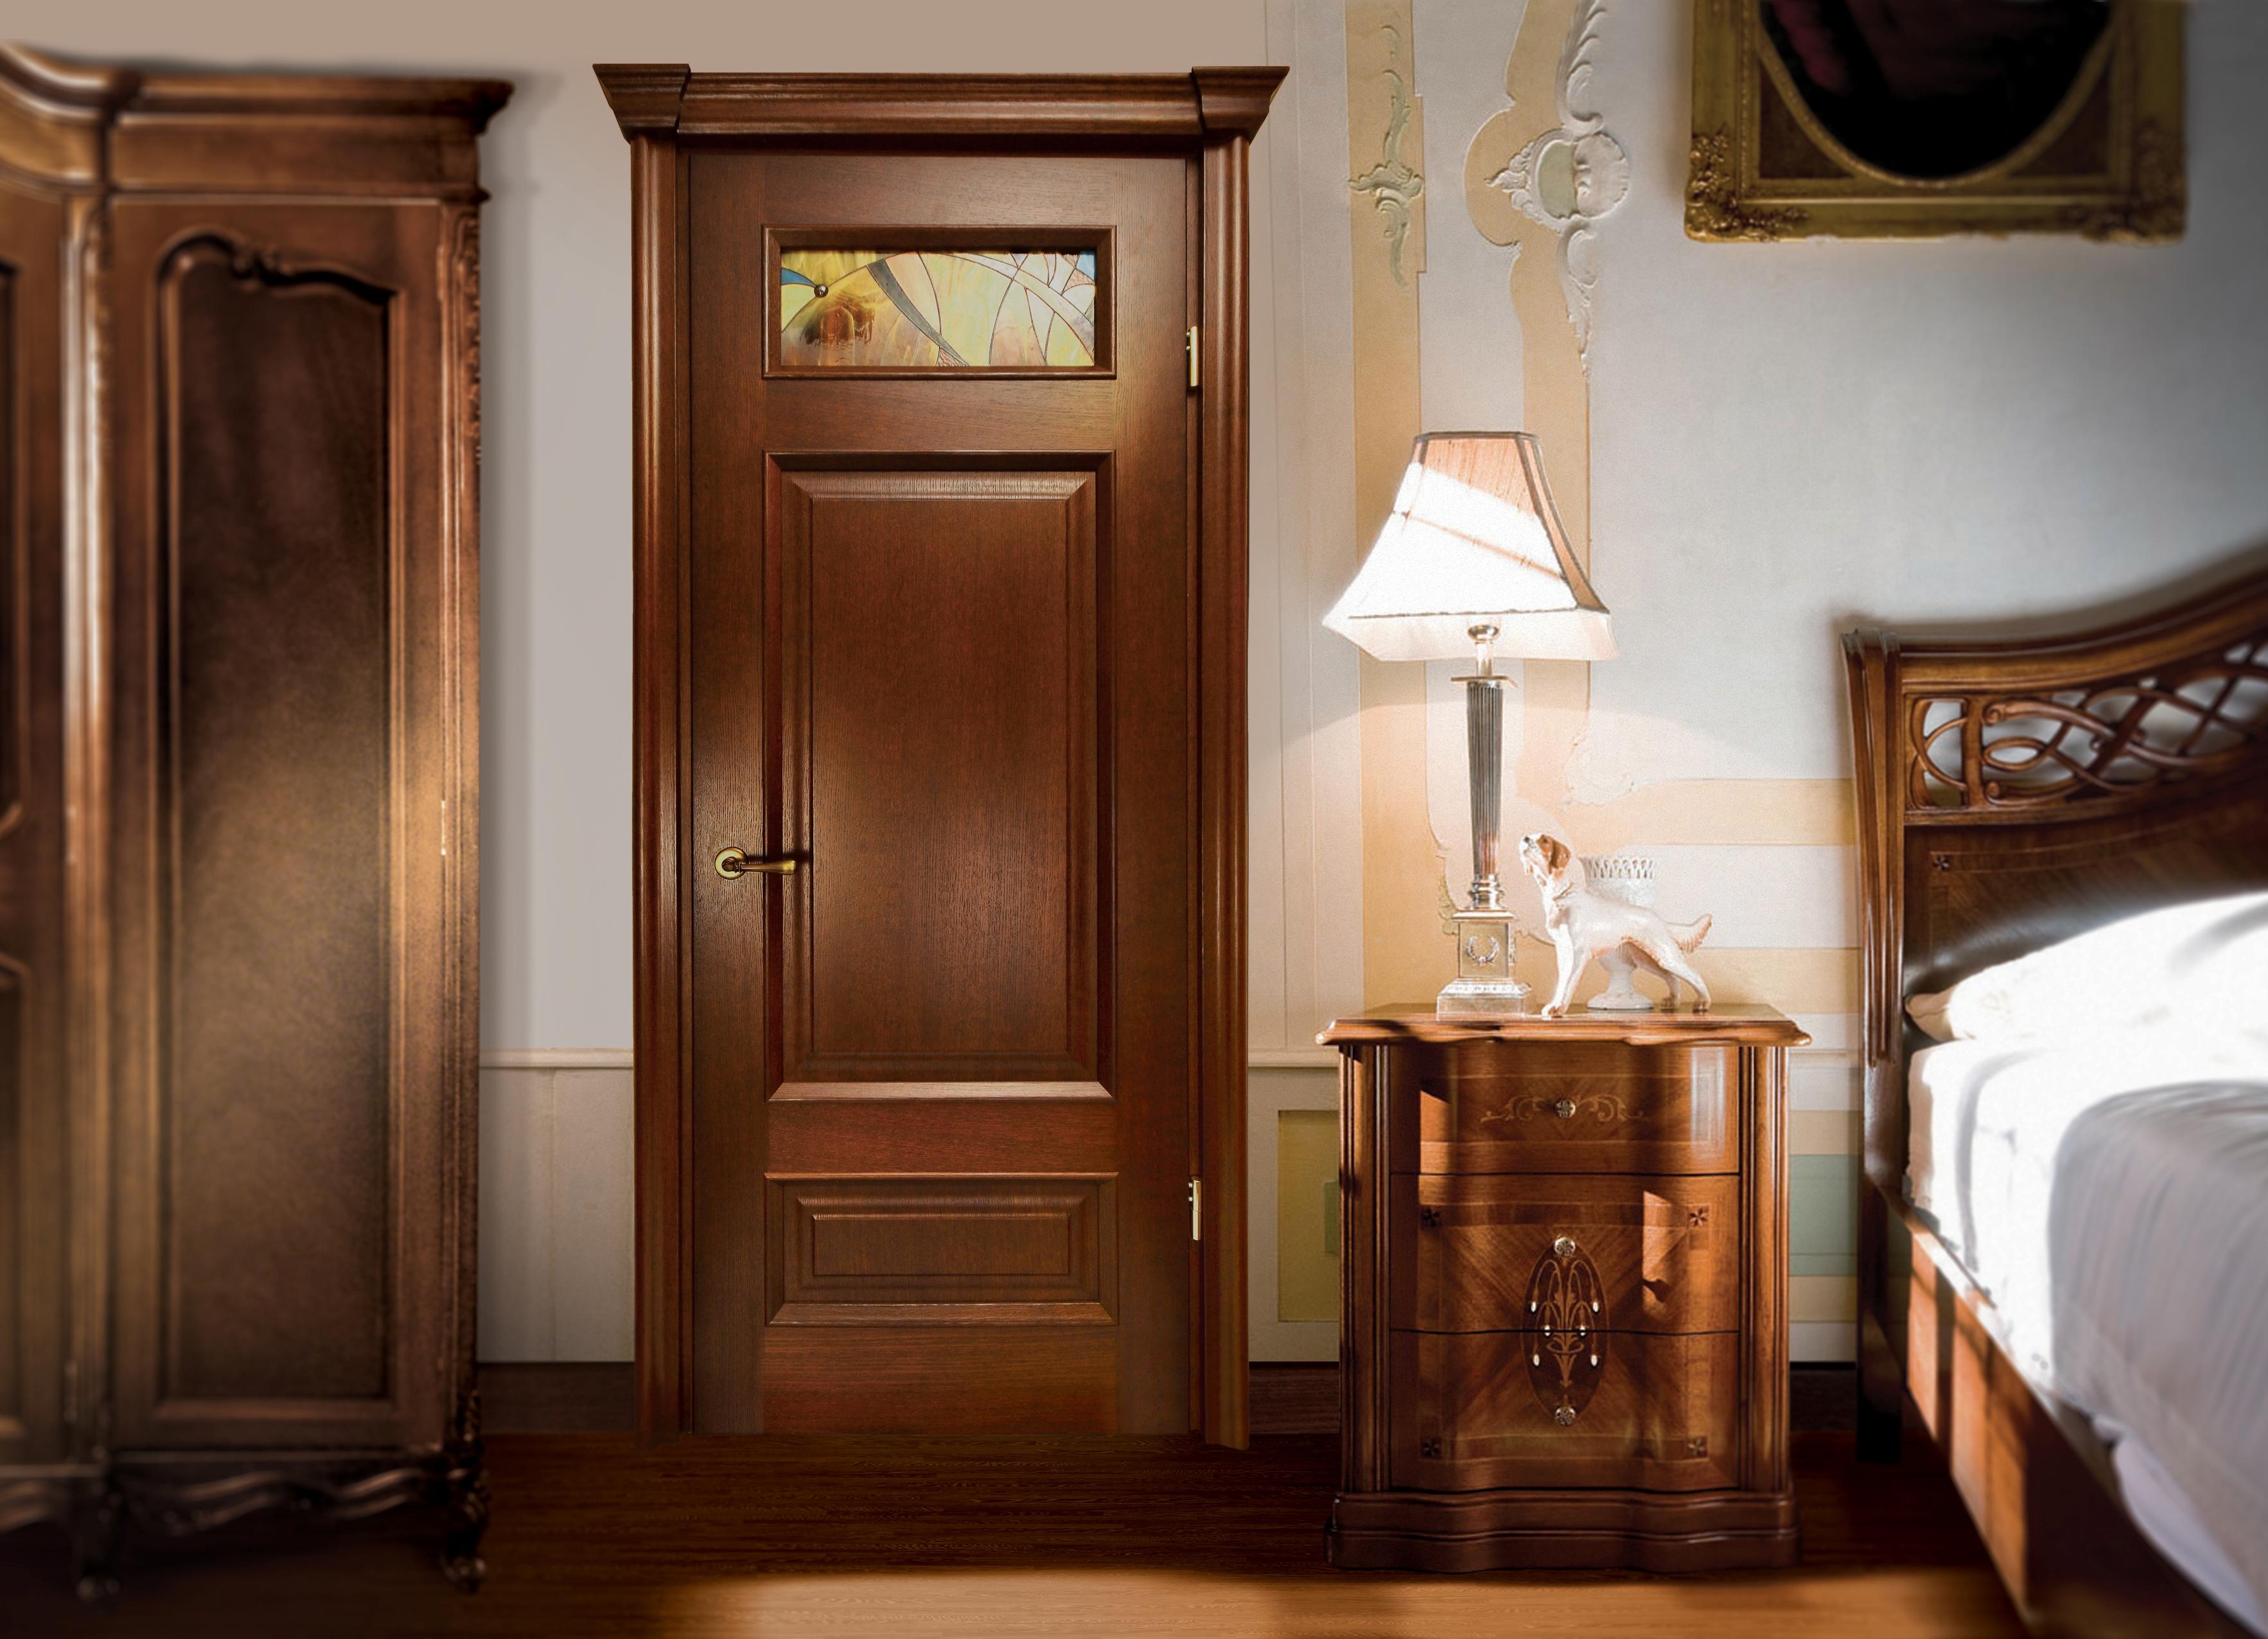 Классическая витражная дверь